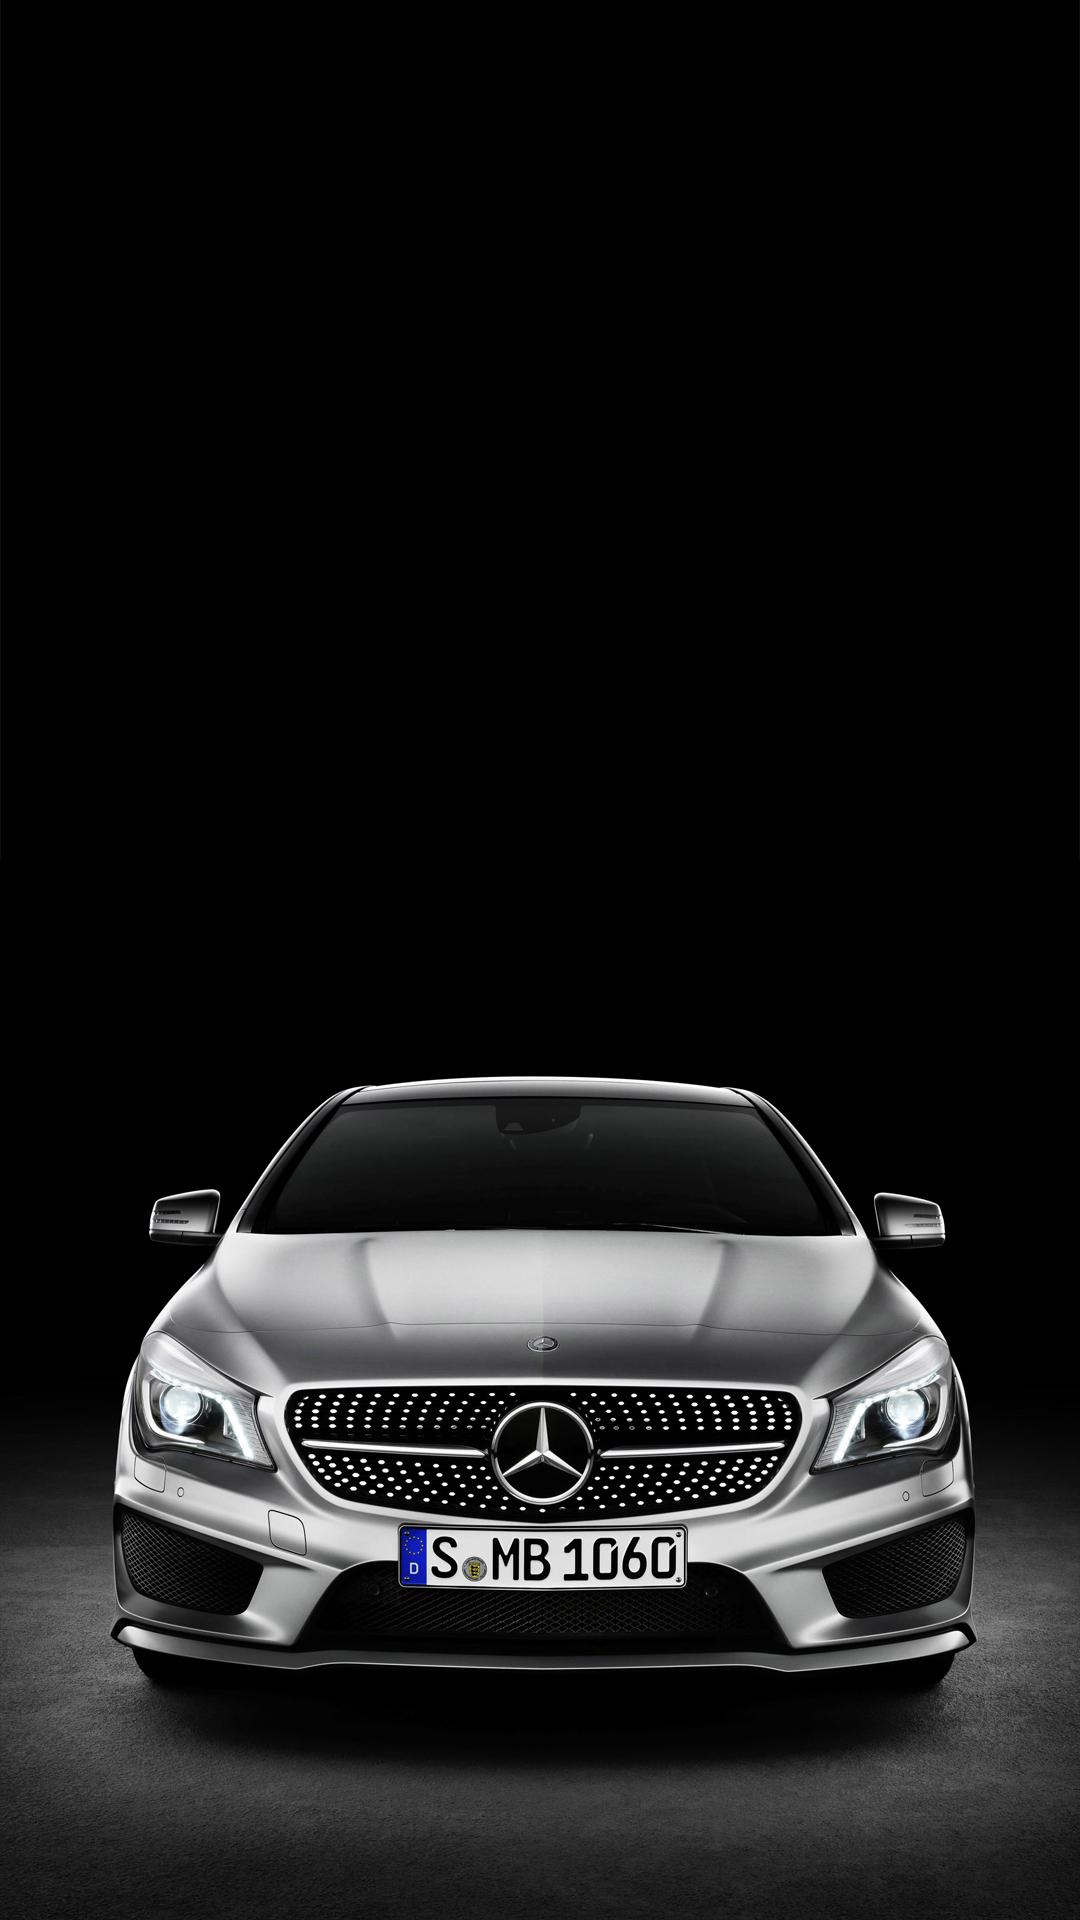 Mercedes Benz CLA Class   Best htc one 1080x1920 wallpapers 1080x1920